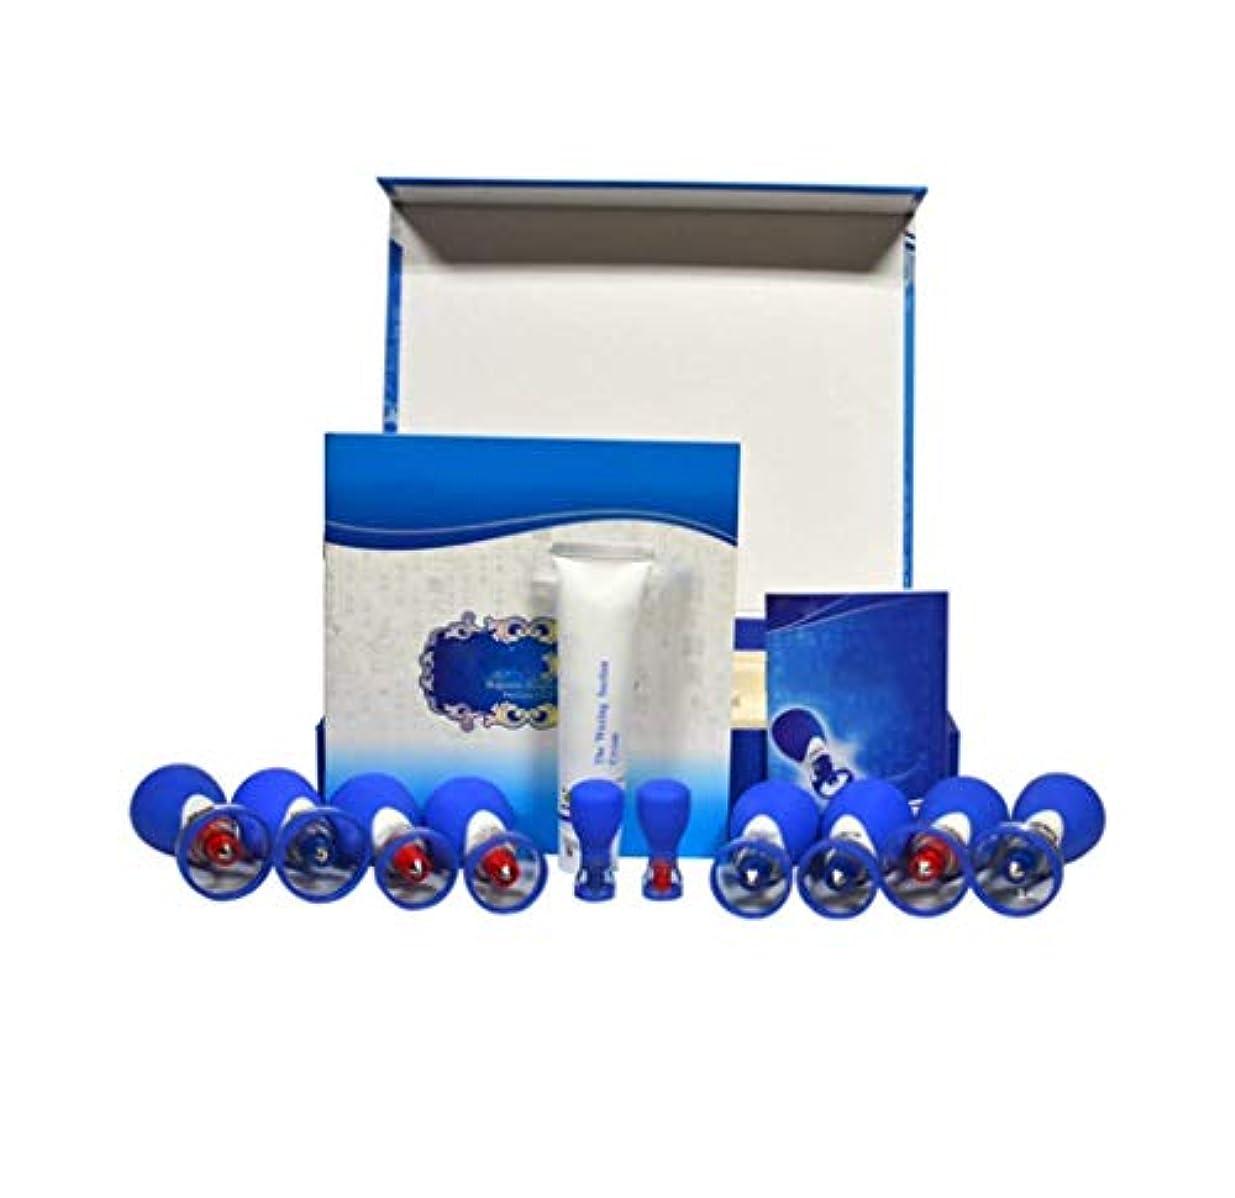 カートン失業汚す磁気カッピング、10カップ磁気指圧吸引カッピングセット、マッサージ筋肉関節痛の軽減